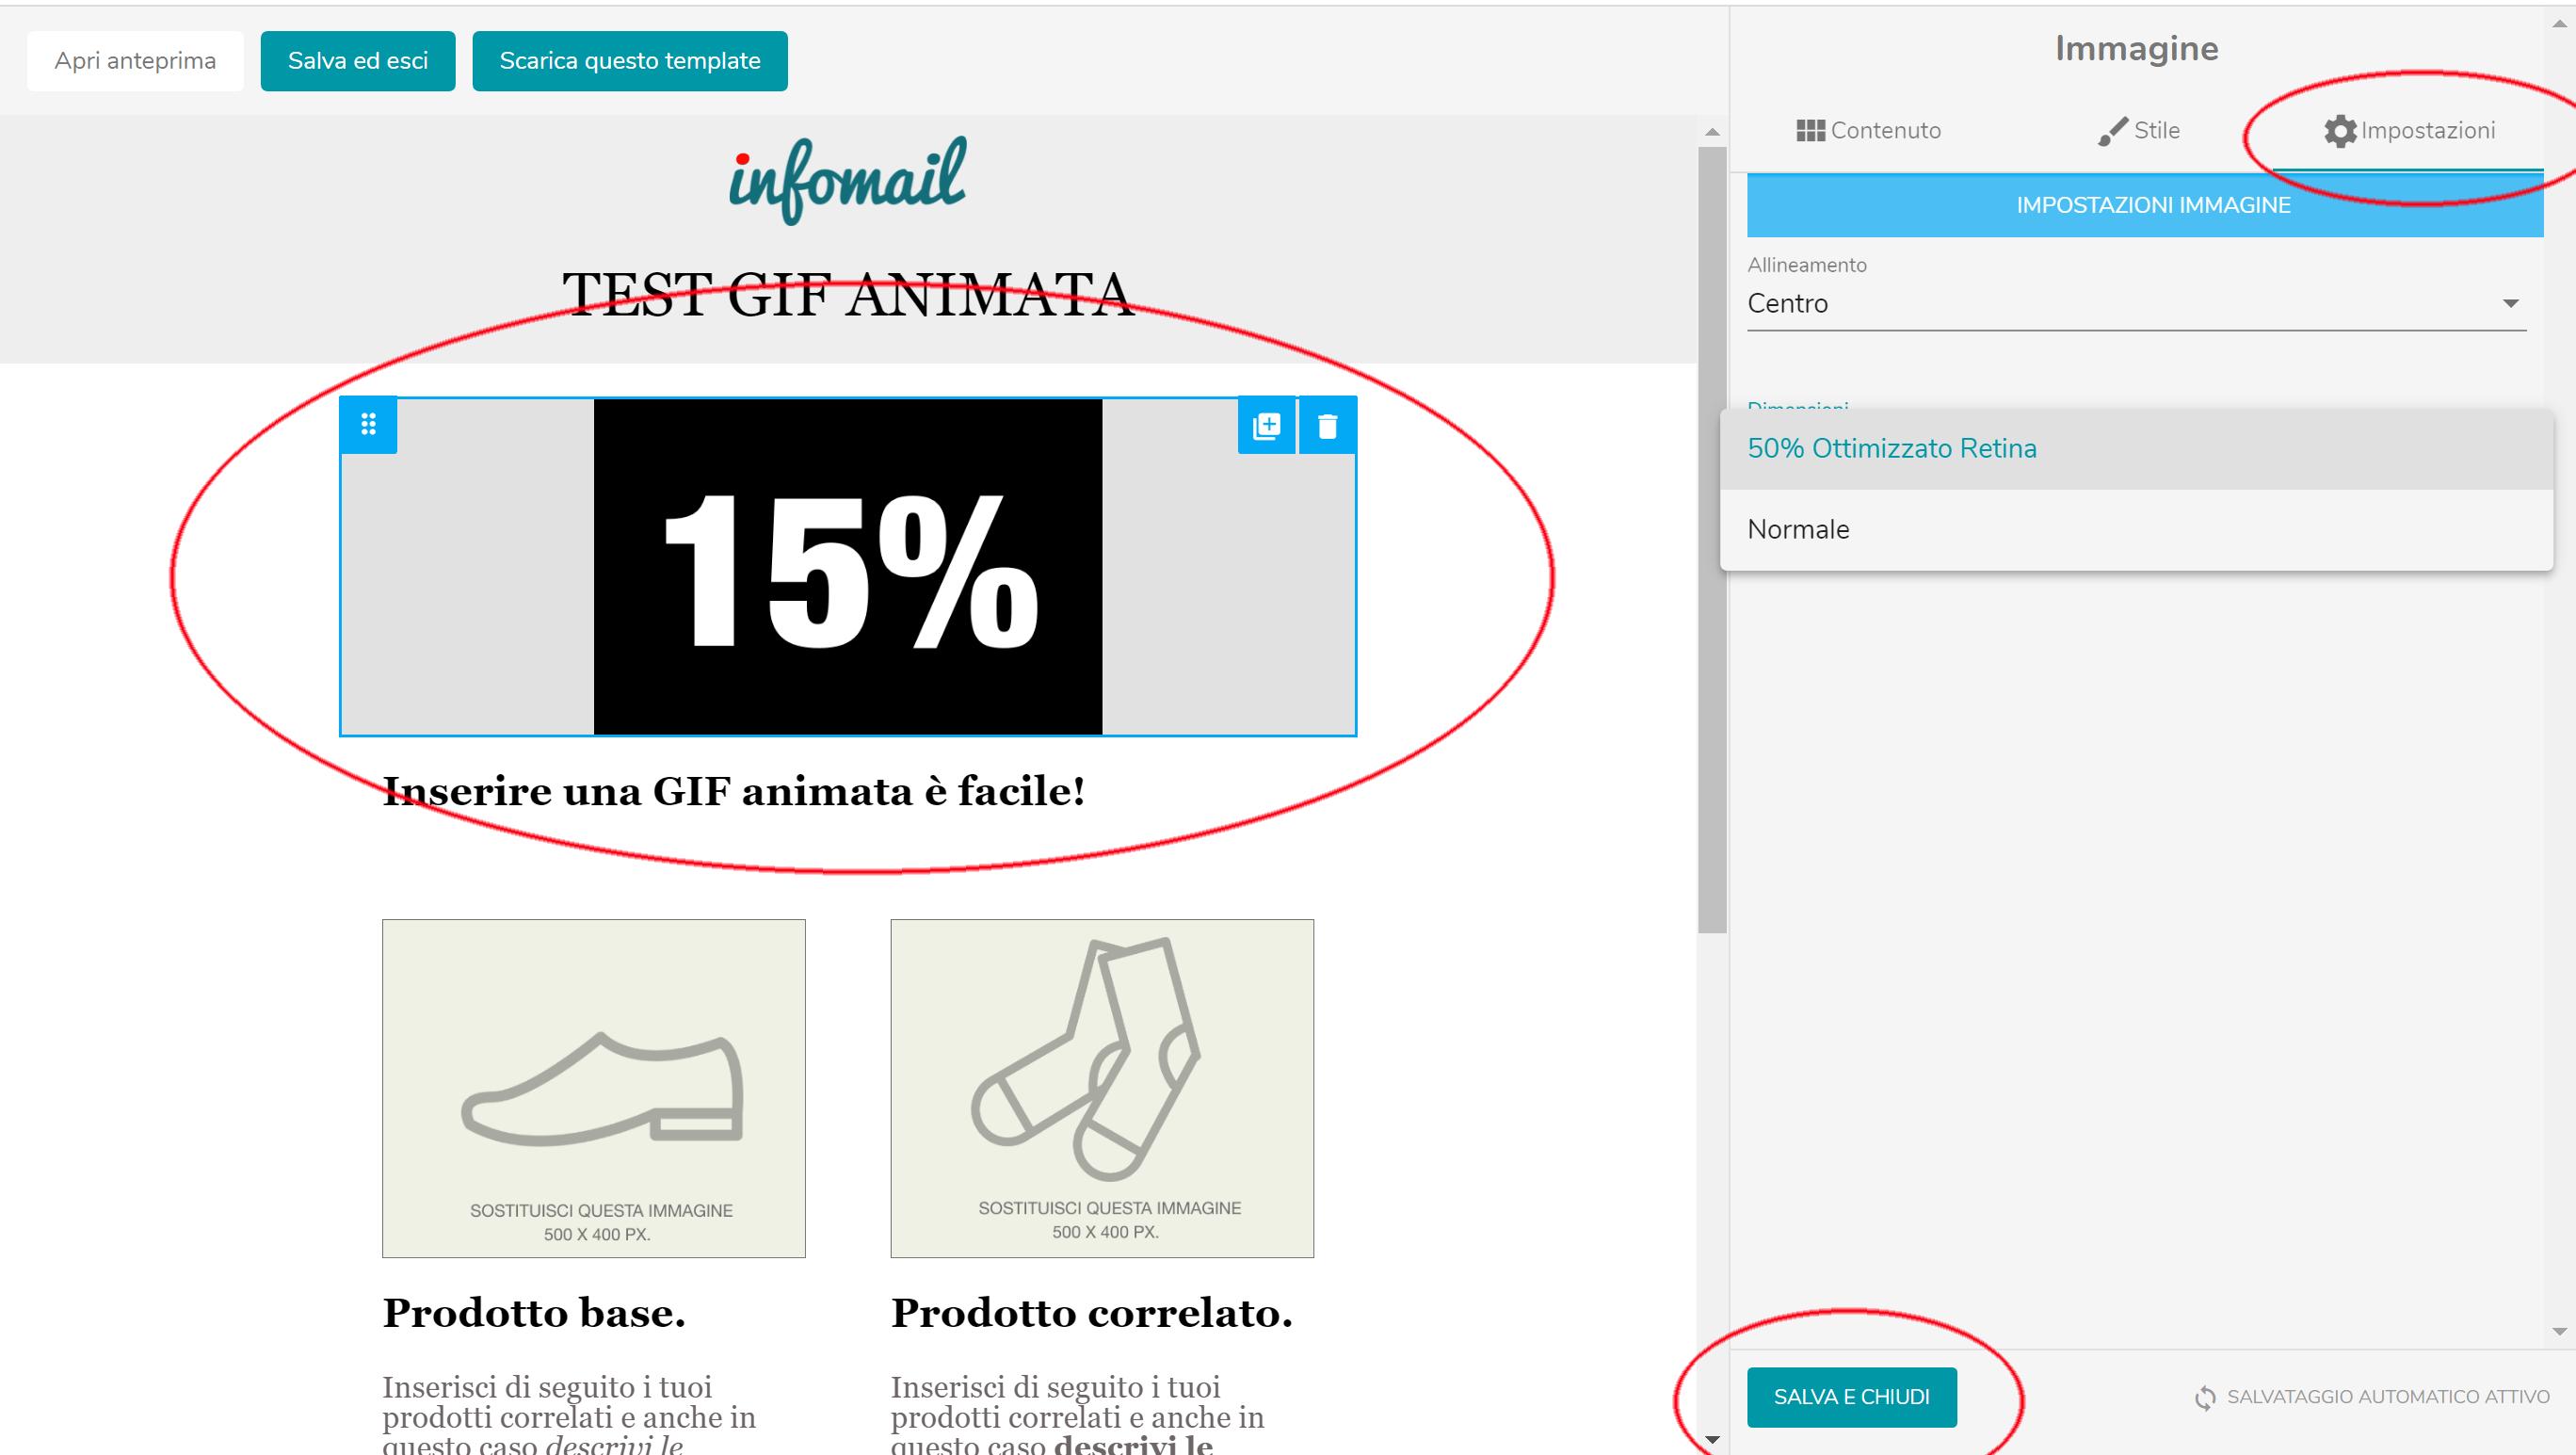 Come inserire una GIF animata nella newsletter nella piattaforma infomail